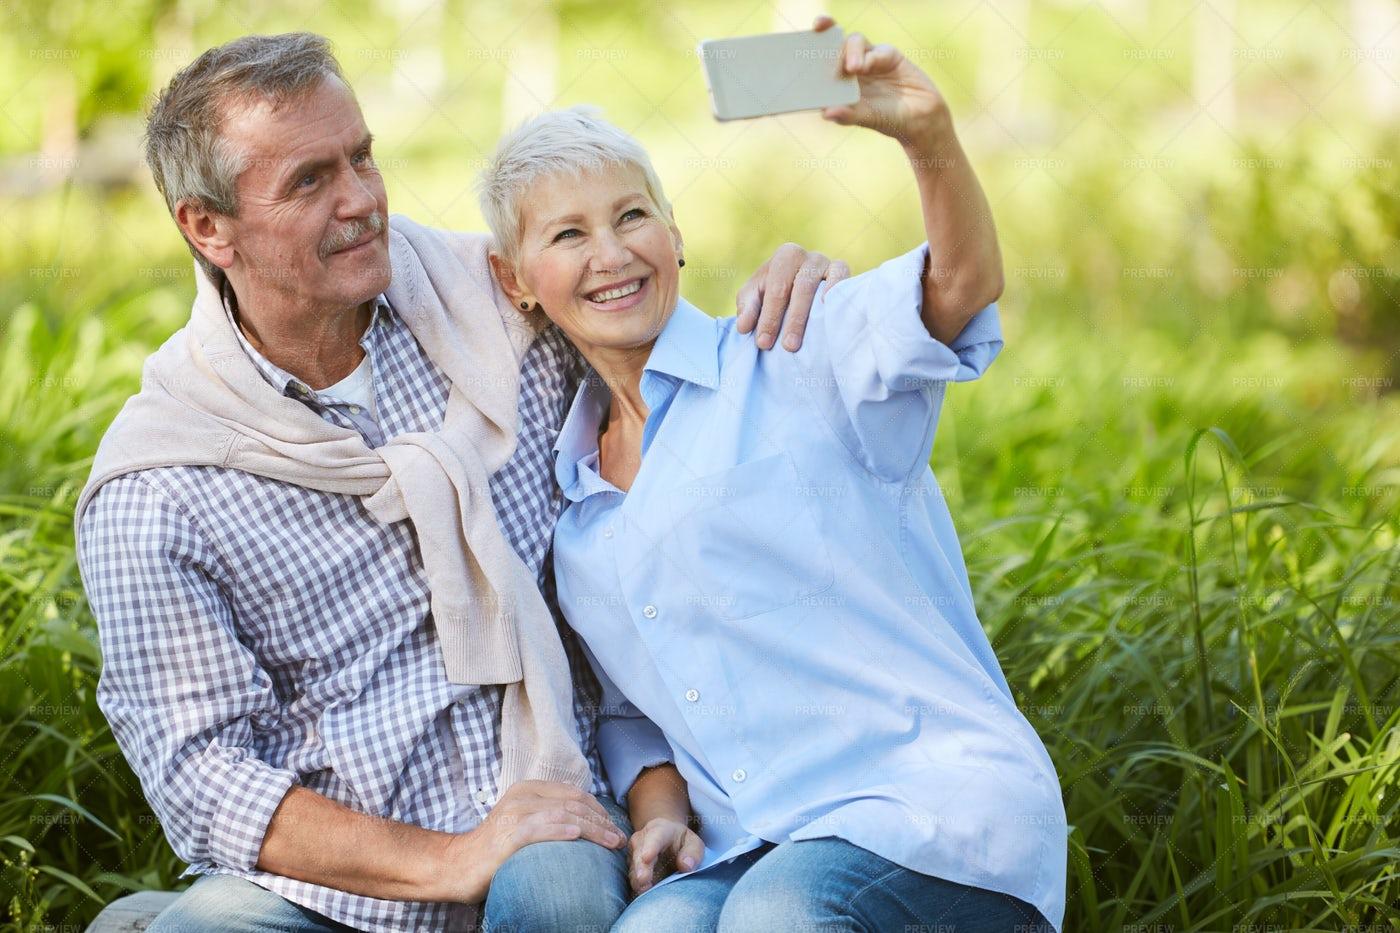 Senior Couple Taking Selfie: Stock Photos